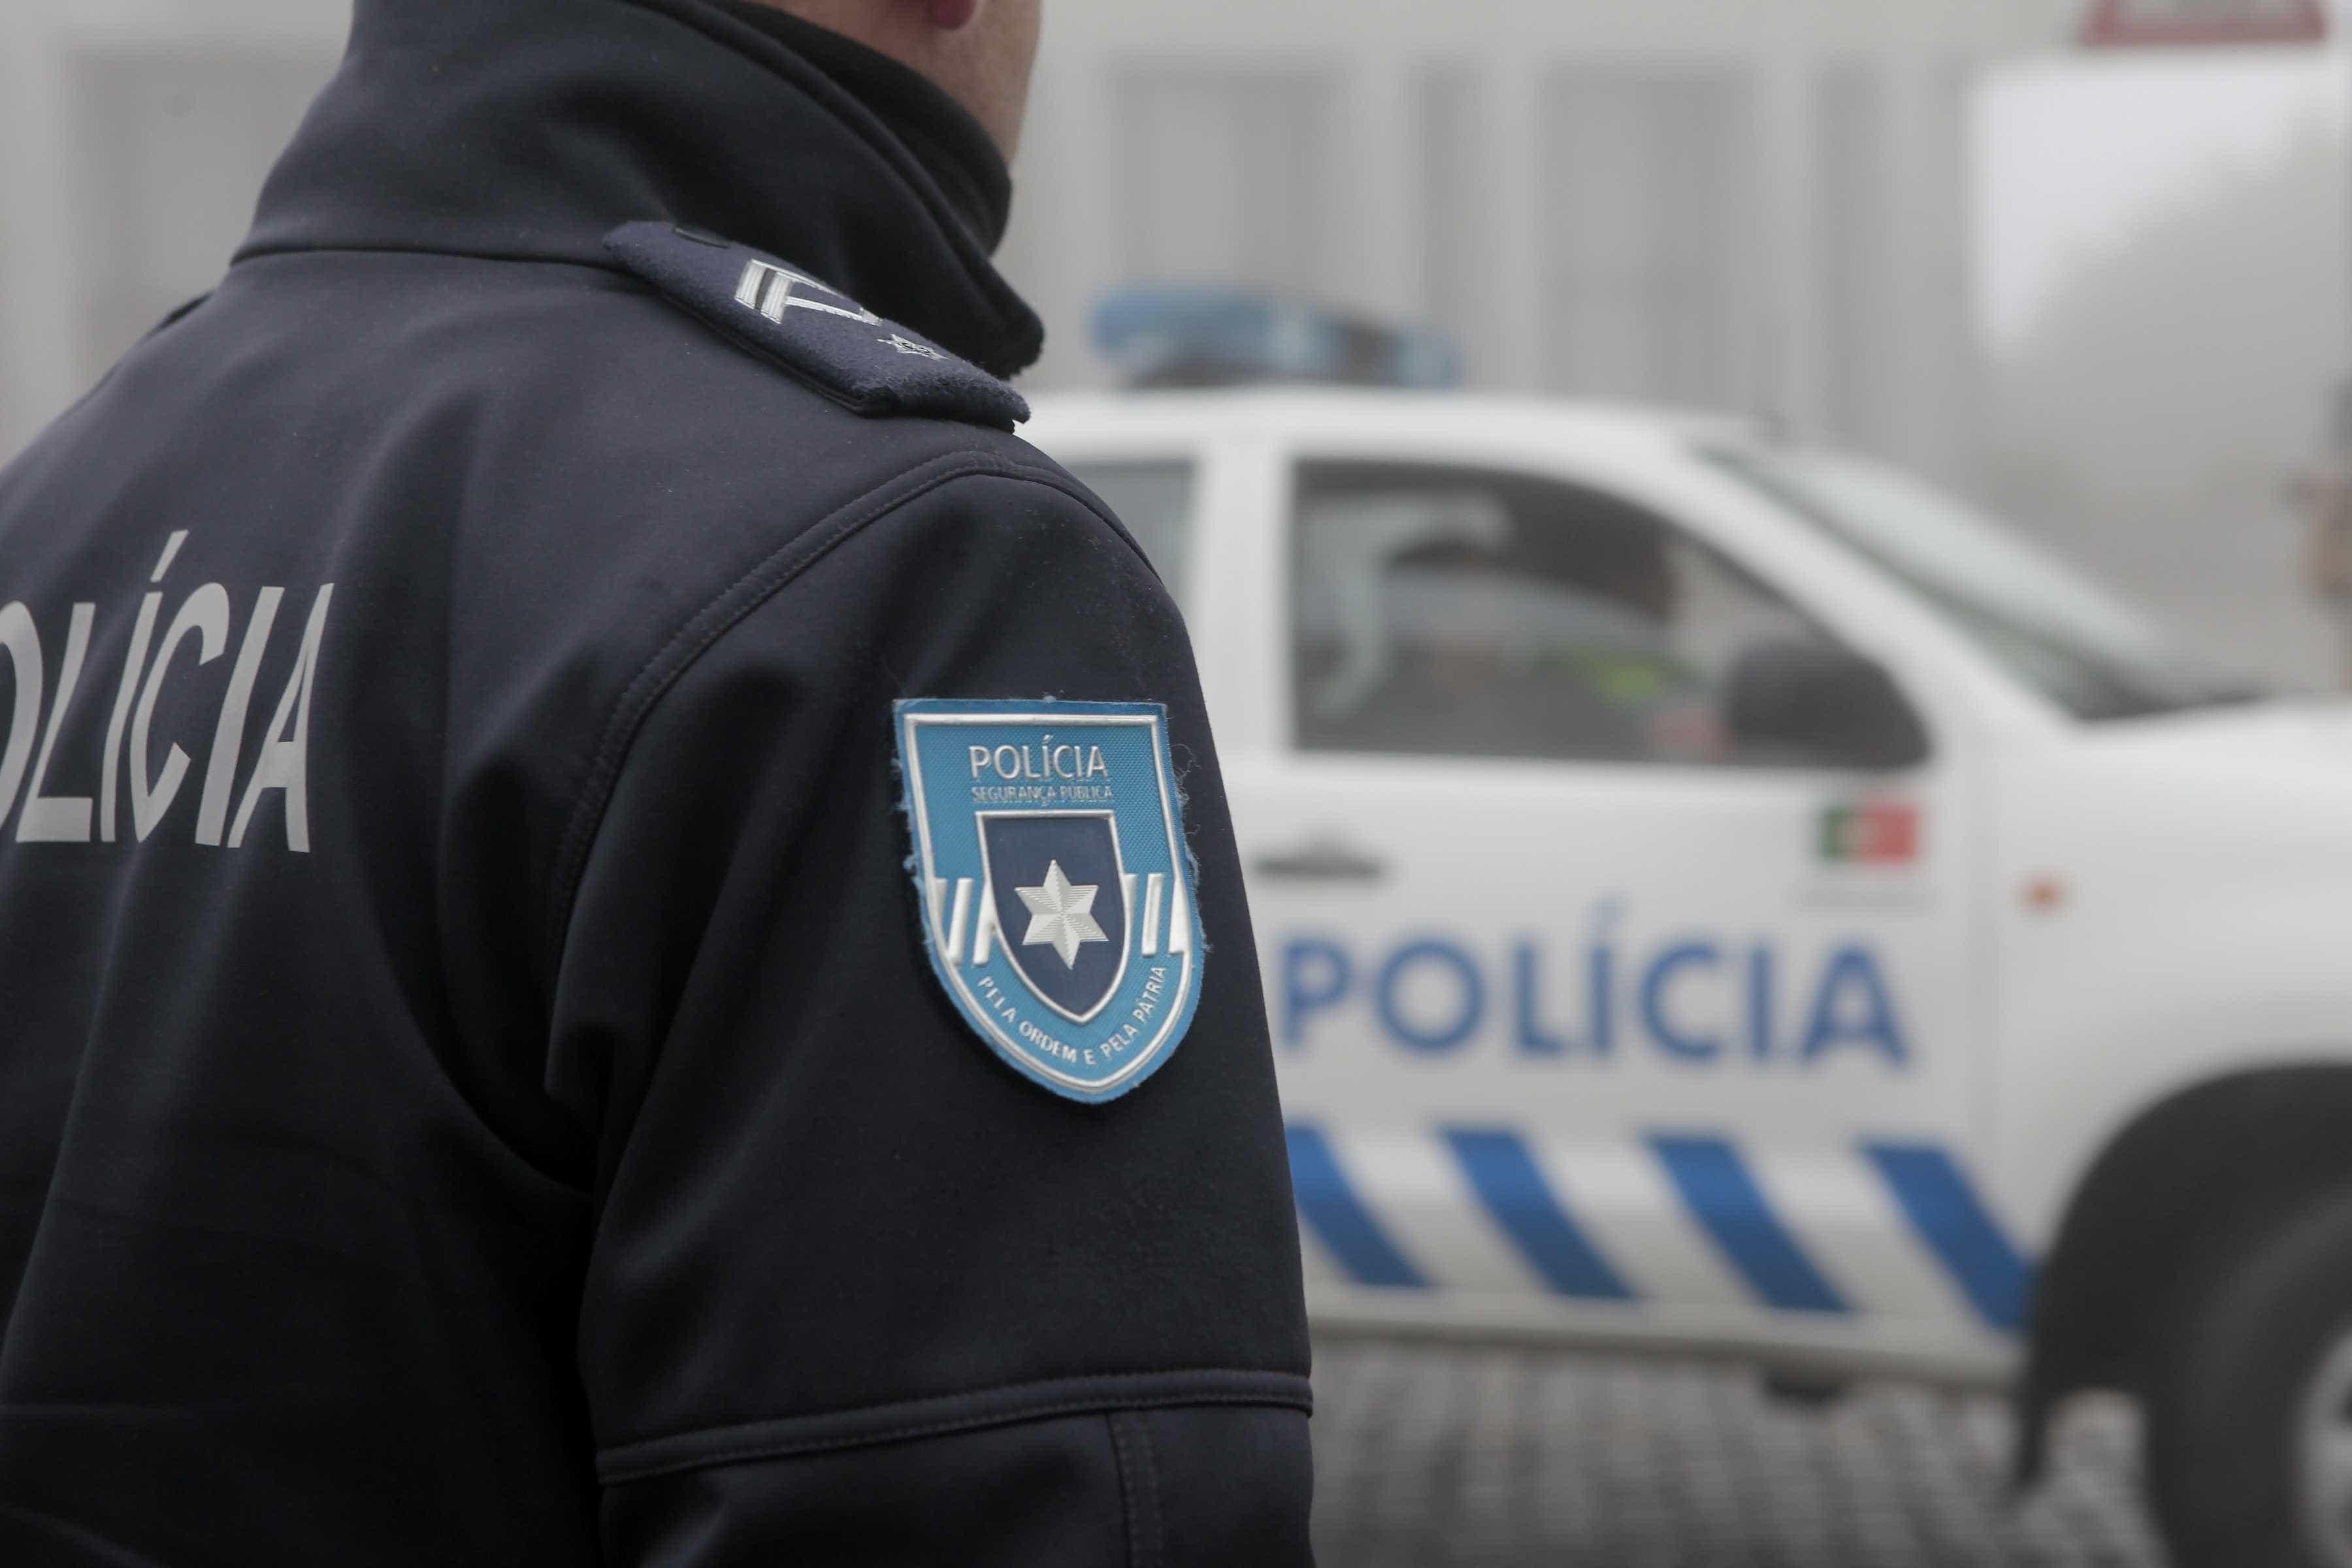 PSP averigua circunstâncias da fuga de detidos do Tribunal do Porto